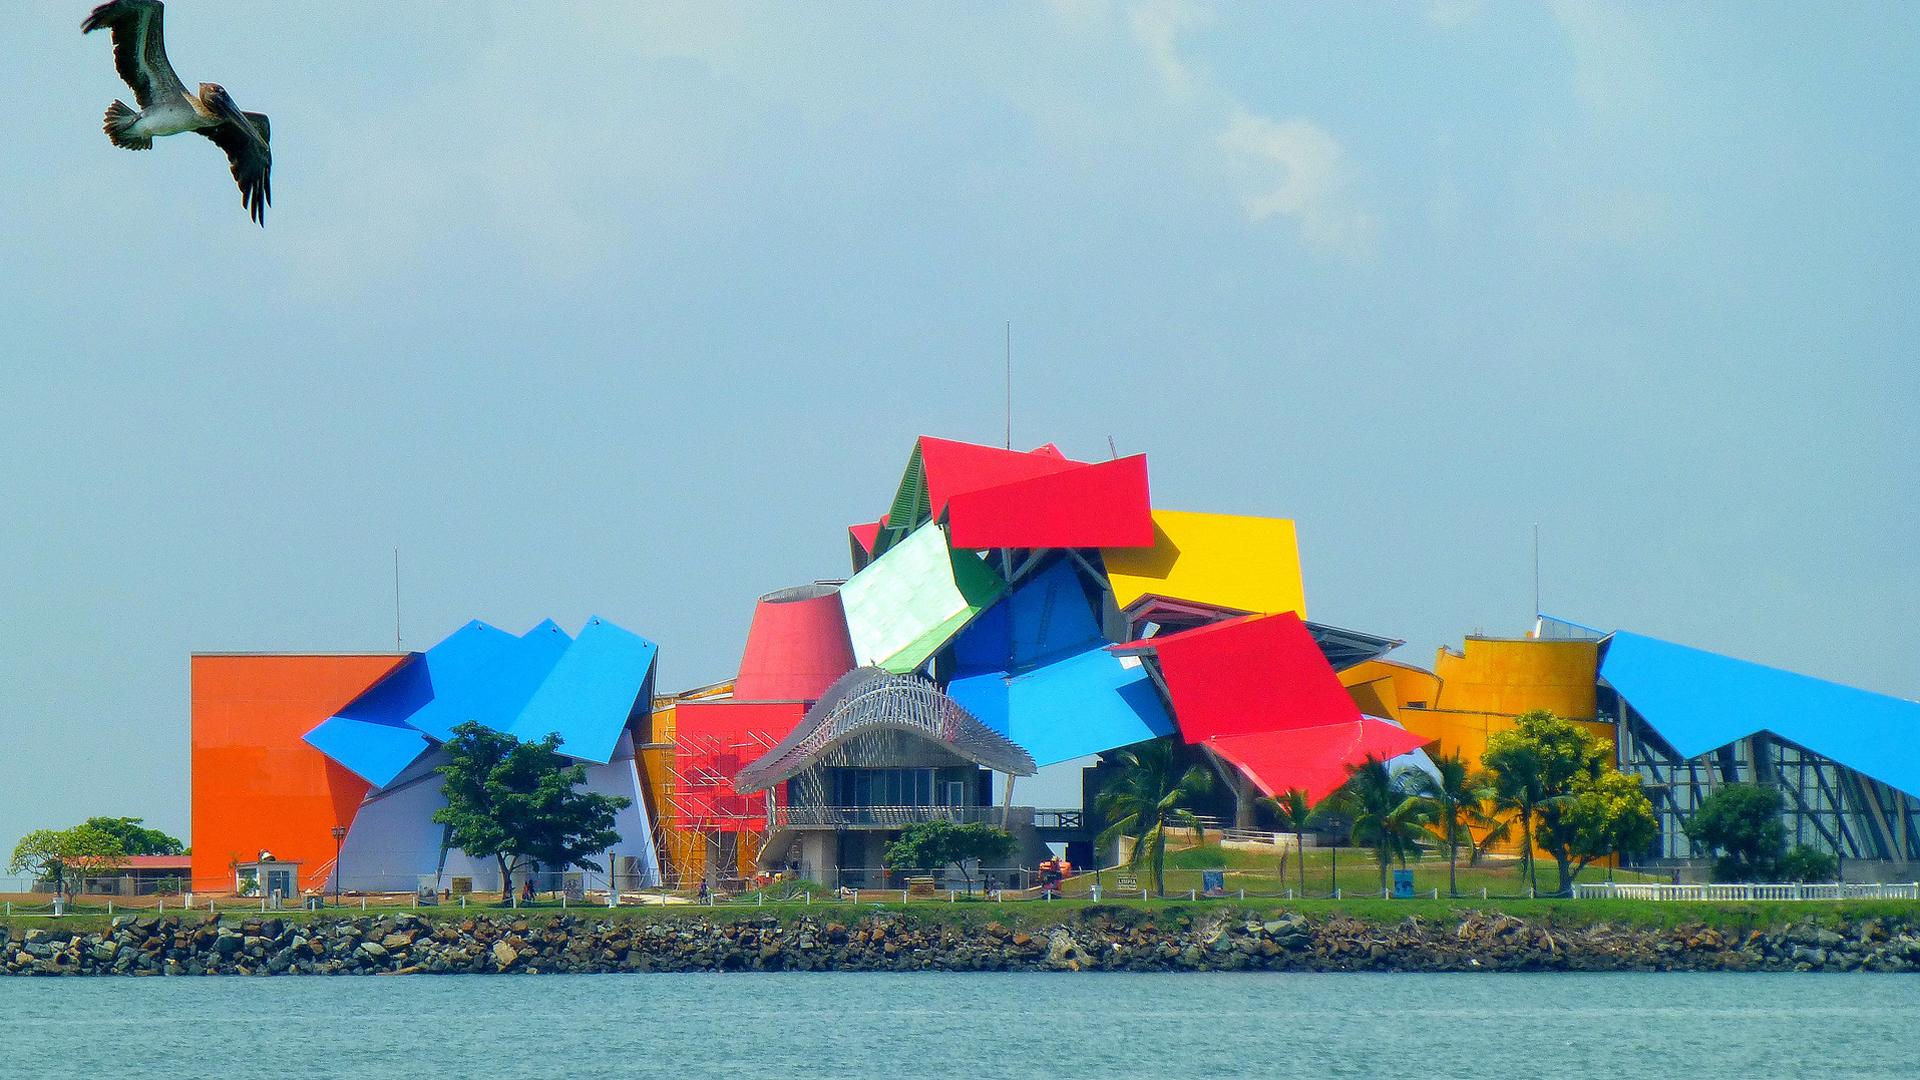 Fue inaugurado en 2013; cuentas con paneles superpuestos de colores vivos que lo convierten en único, y representa su vinculación con la ecología